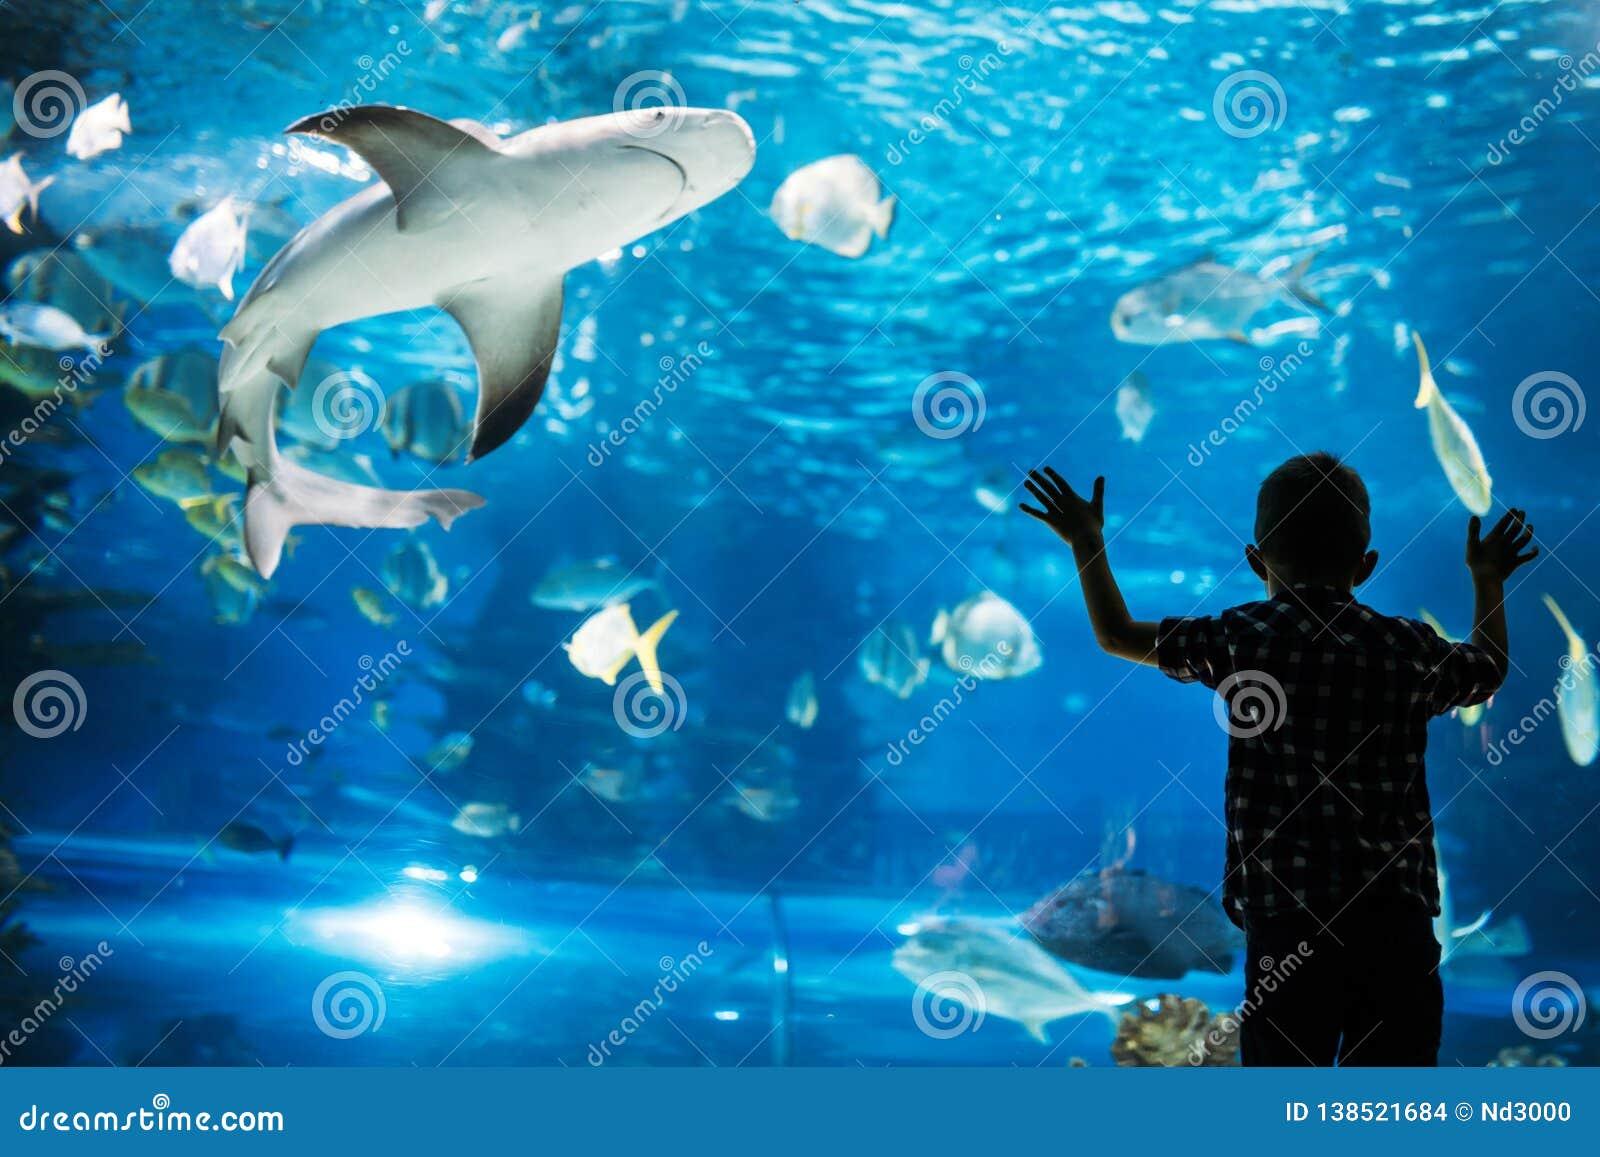 Schattenbild eines Jungen, der Fische im Aquarium betrachtet